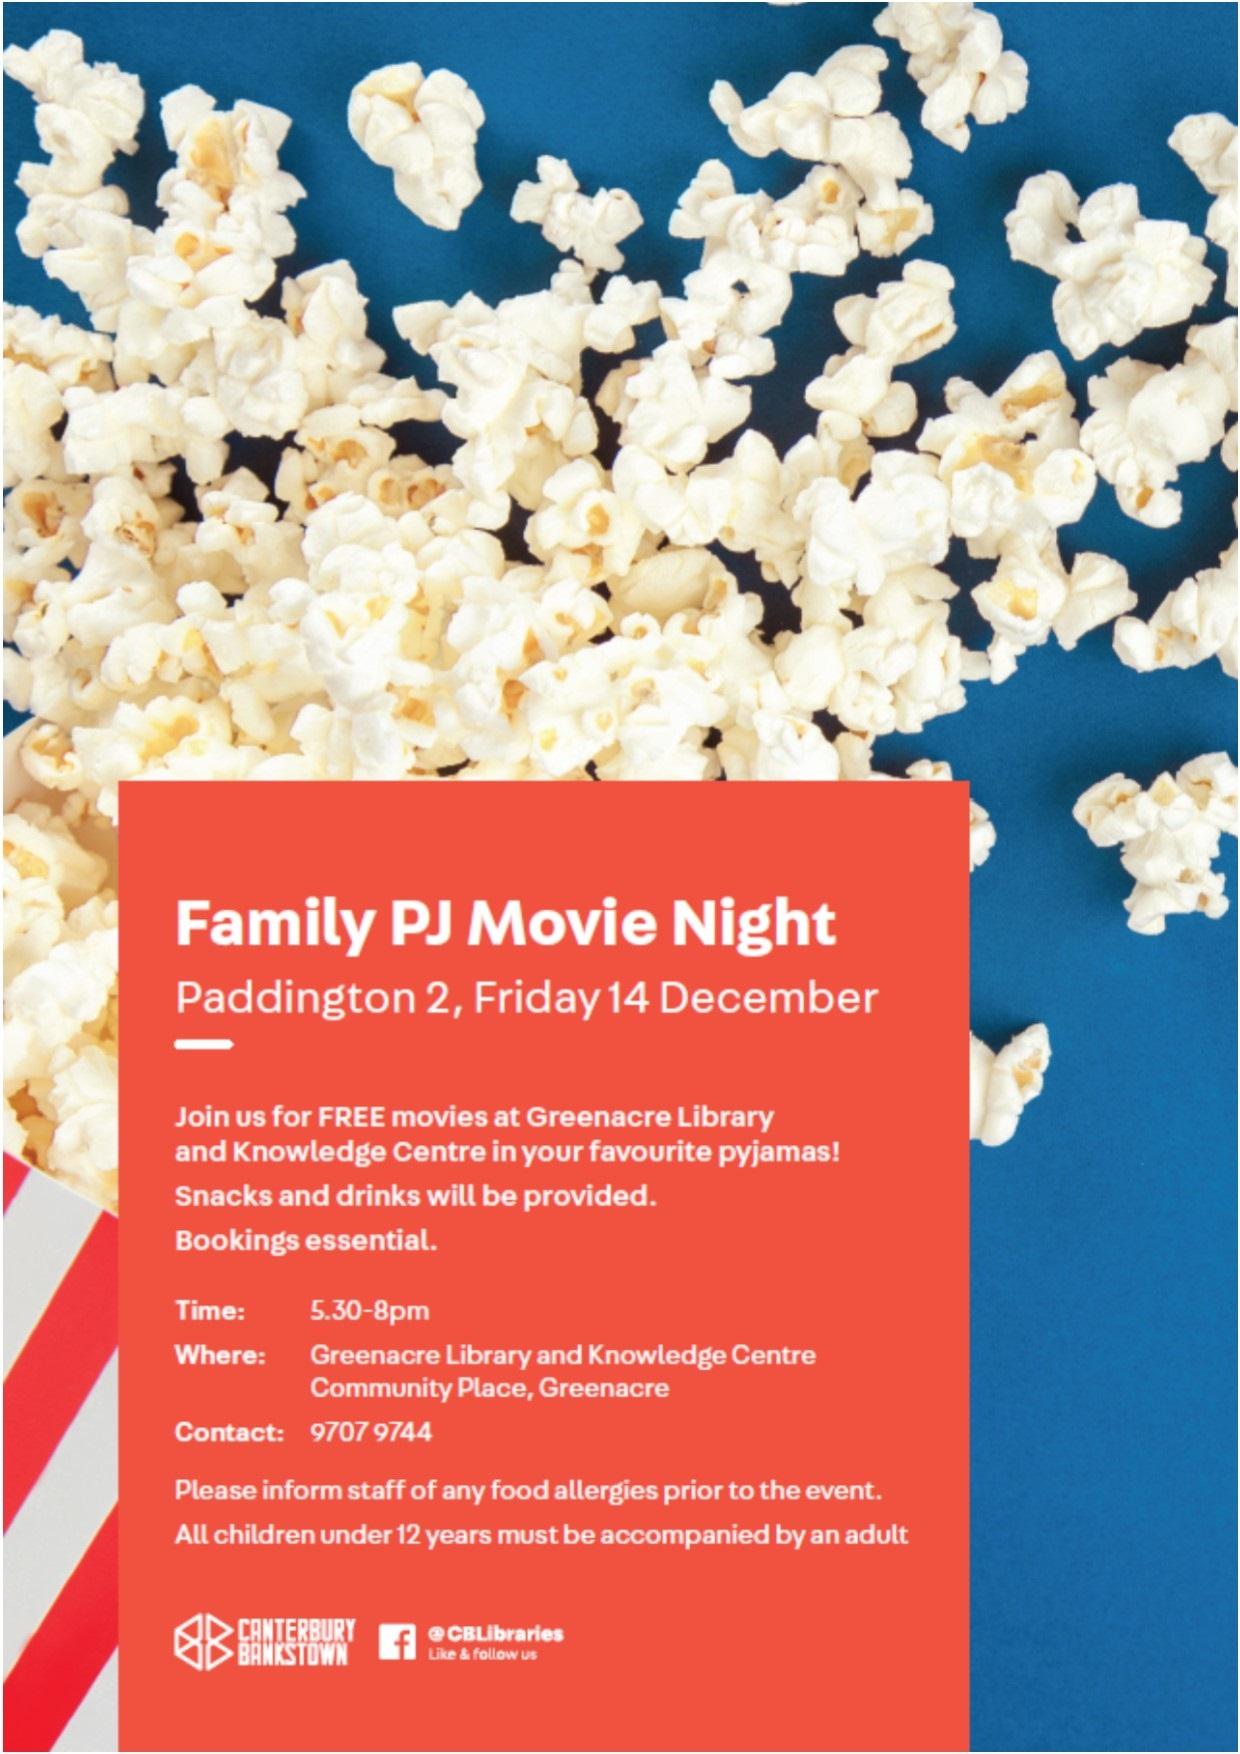 greenacre library family movie paddington 2